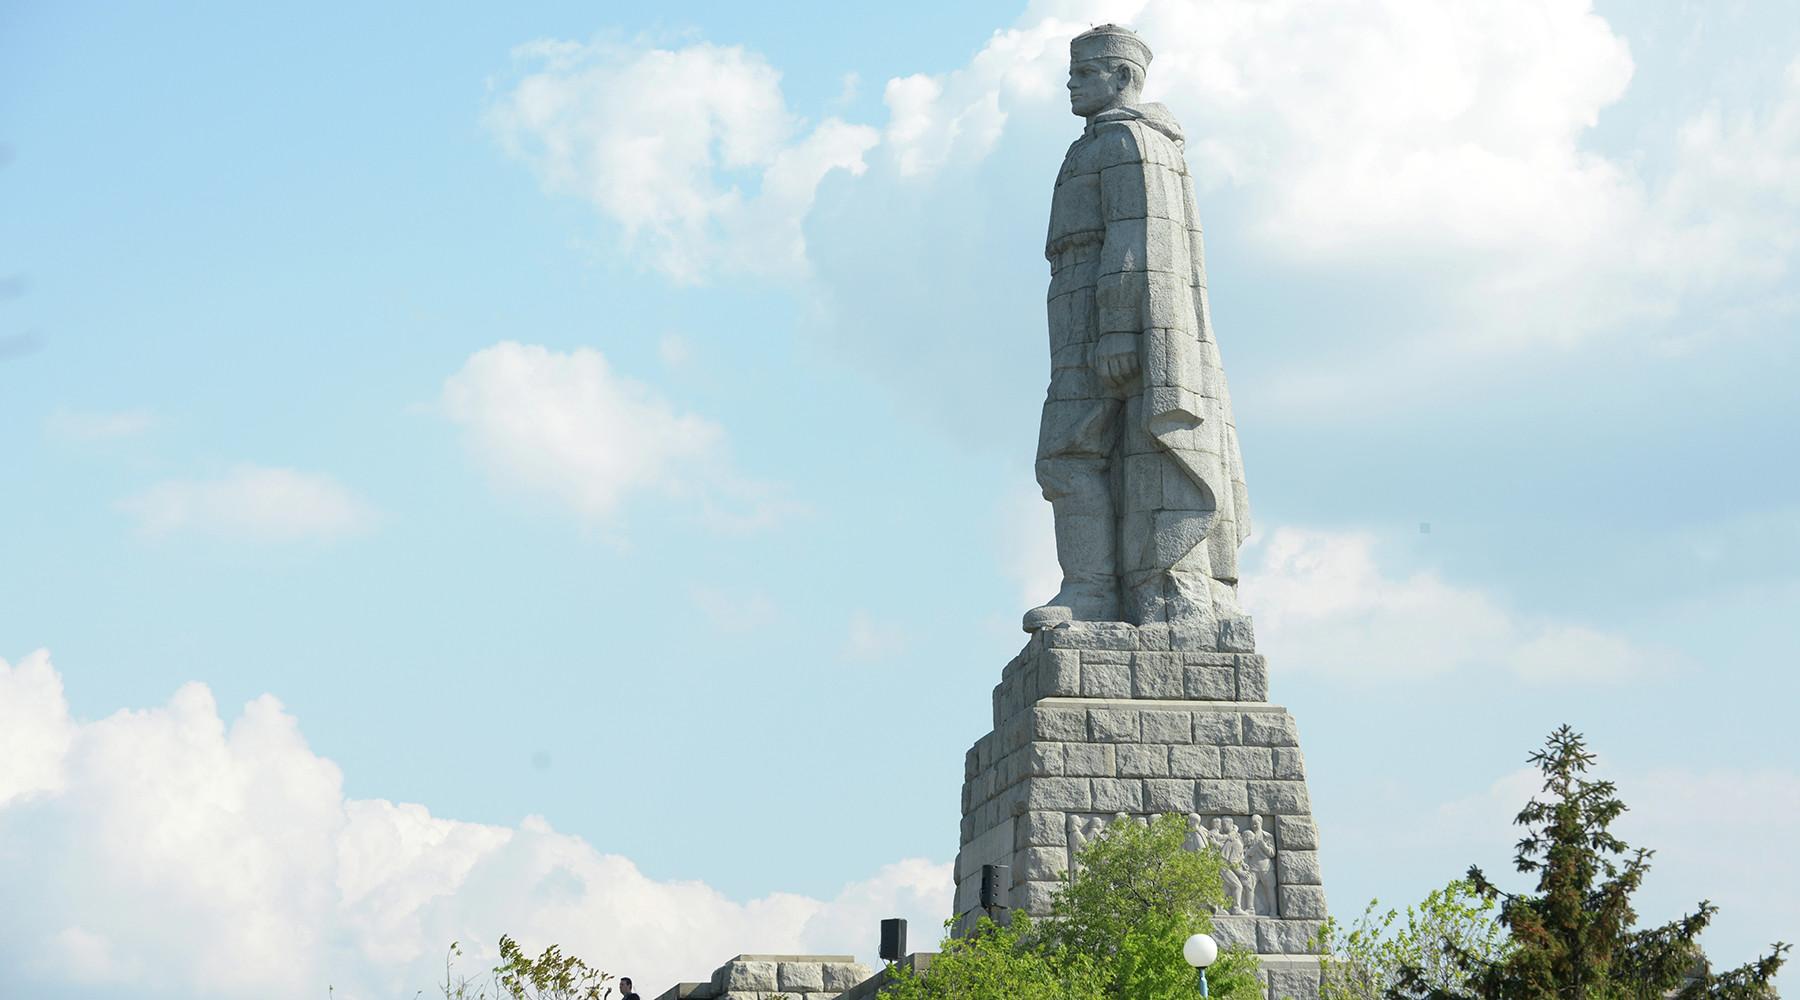 Символ «советской оккупации»: кто в Болгарии борется с памятниками солдатам-освободителям